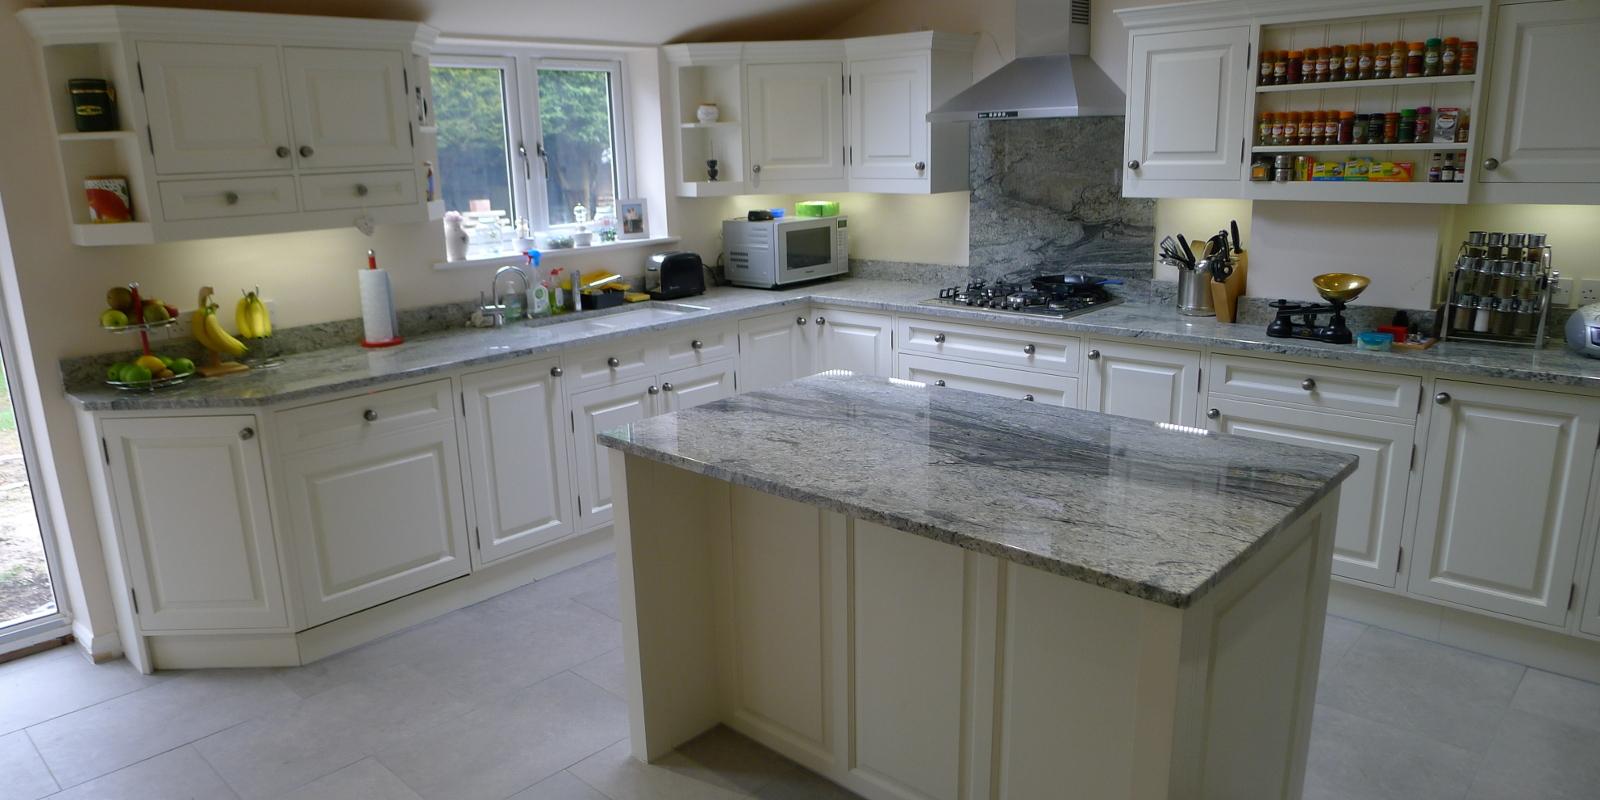 Allwood Kitchens & Interiors